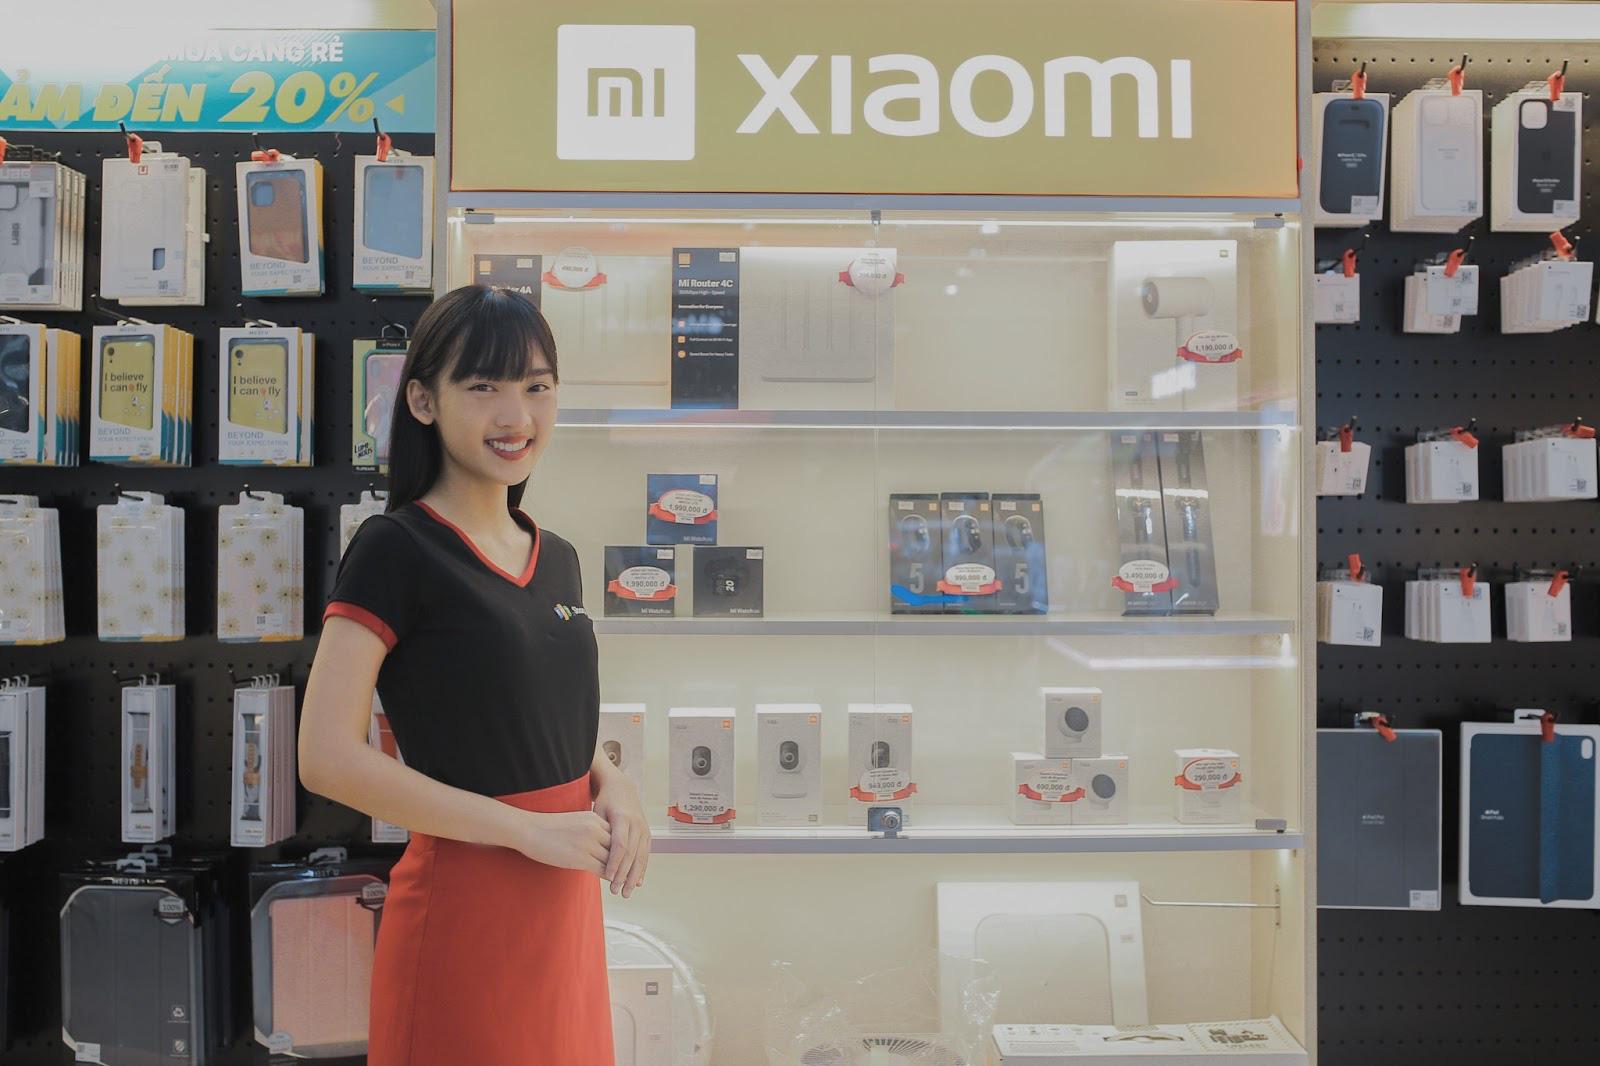 FPT Shop tặng phiếu mua hàng trị giá 10% cho khách mua điện thoại Xiaomi - Ảnh 2.